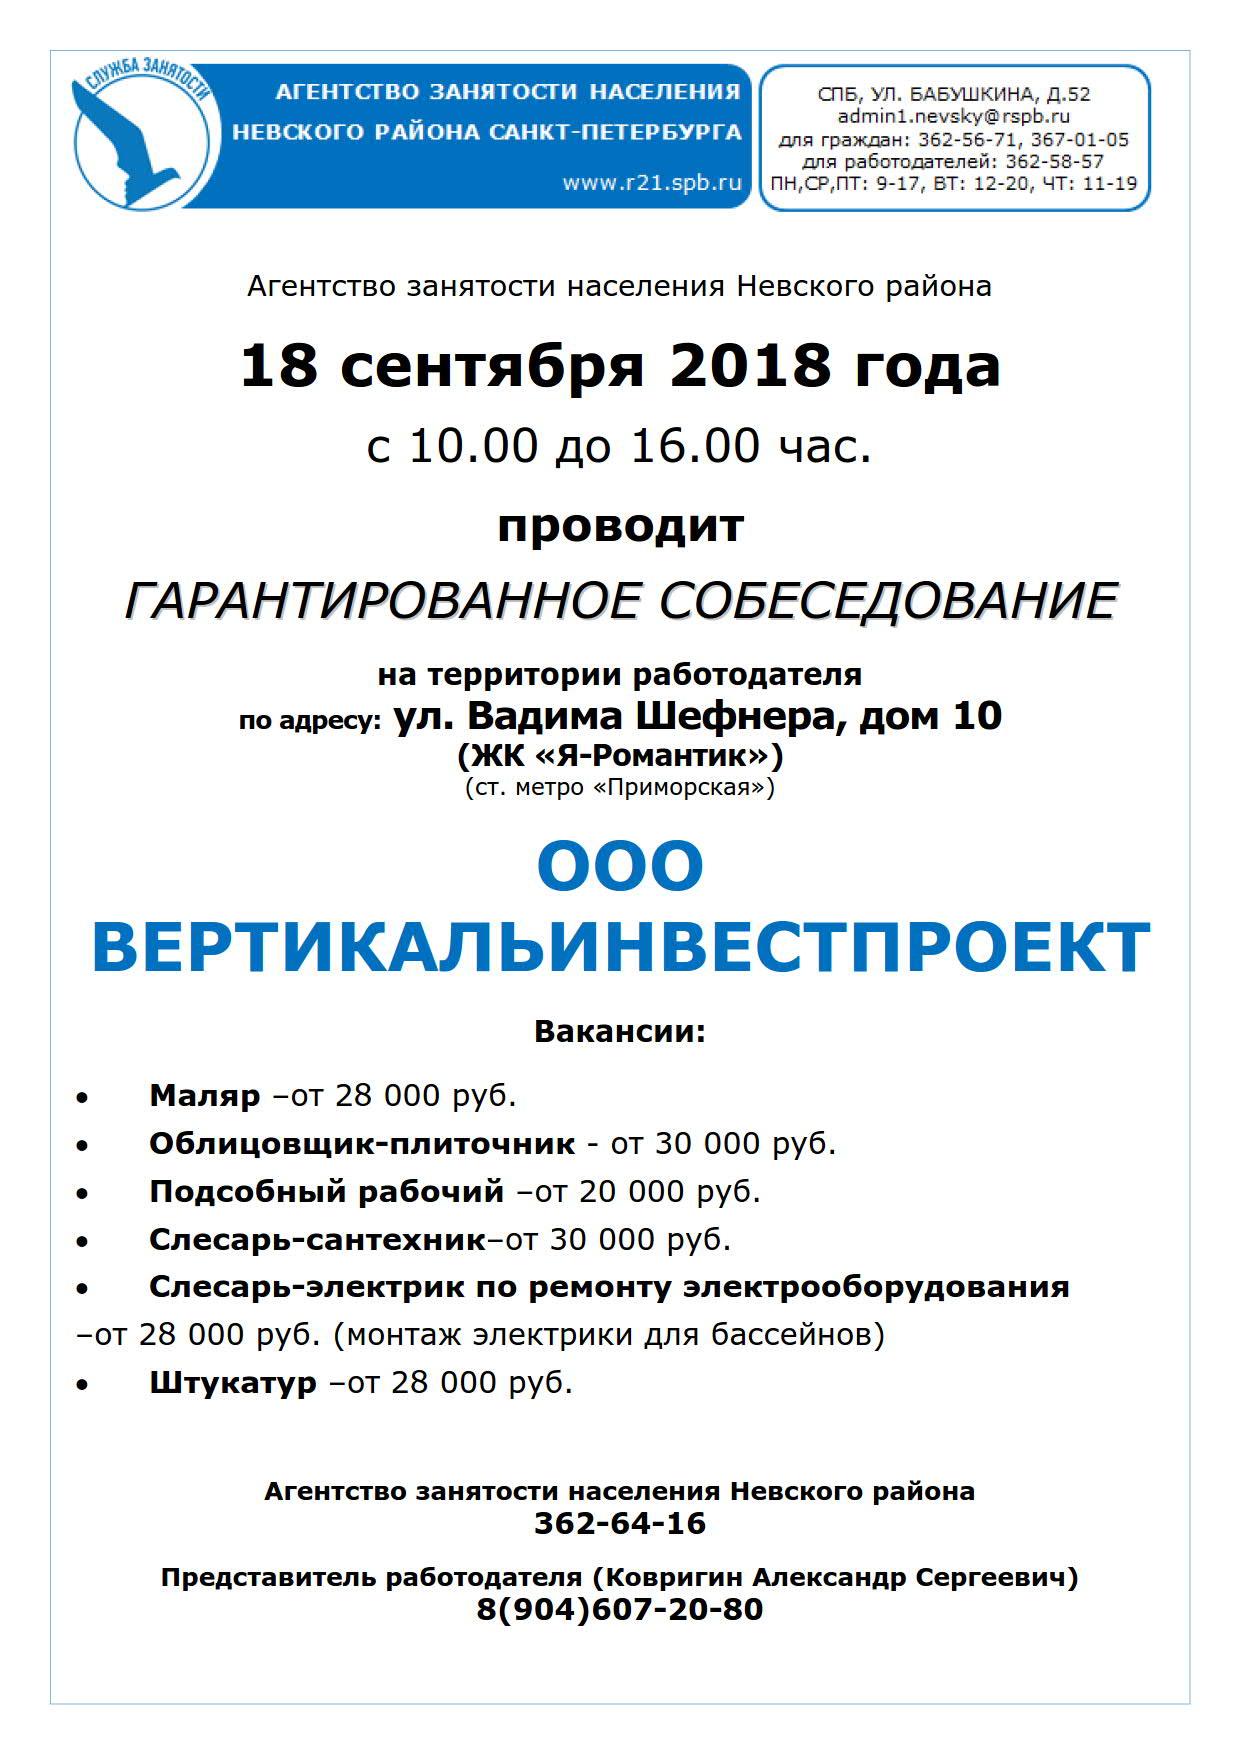 объявление ГС 18.09.2018_1